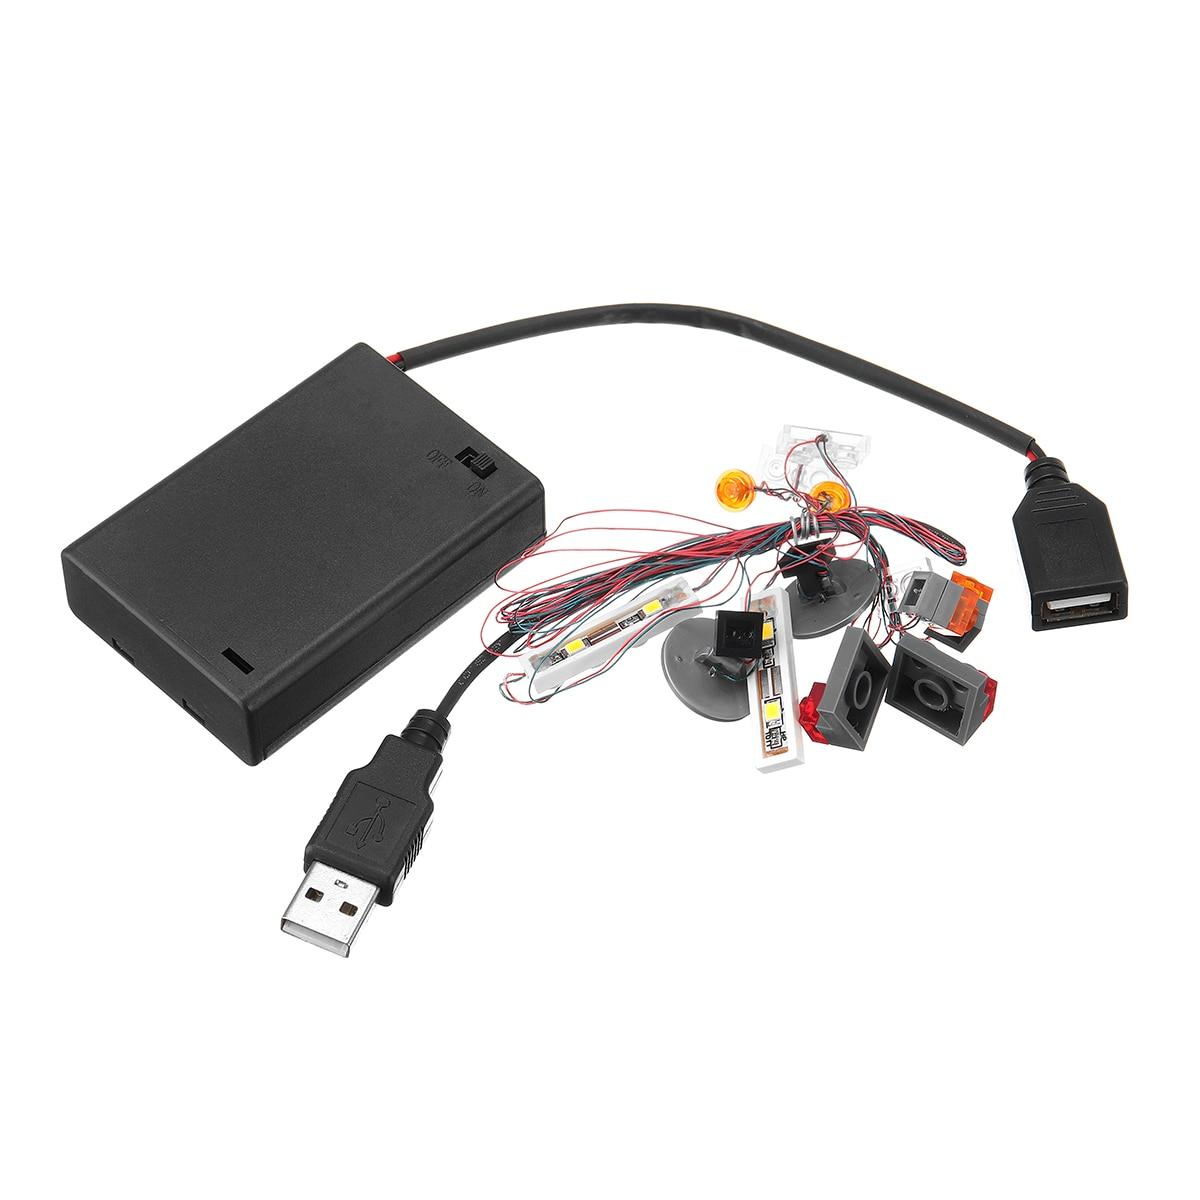 DIY LED Light Lighting Kit ONLY For Lego For 10252 For Volkswagen Beetle Model  Luminous Electronic Parts Kit